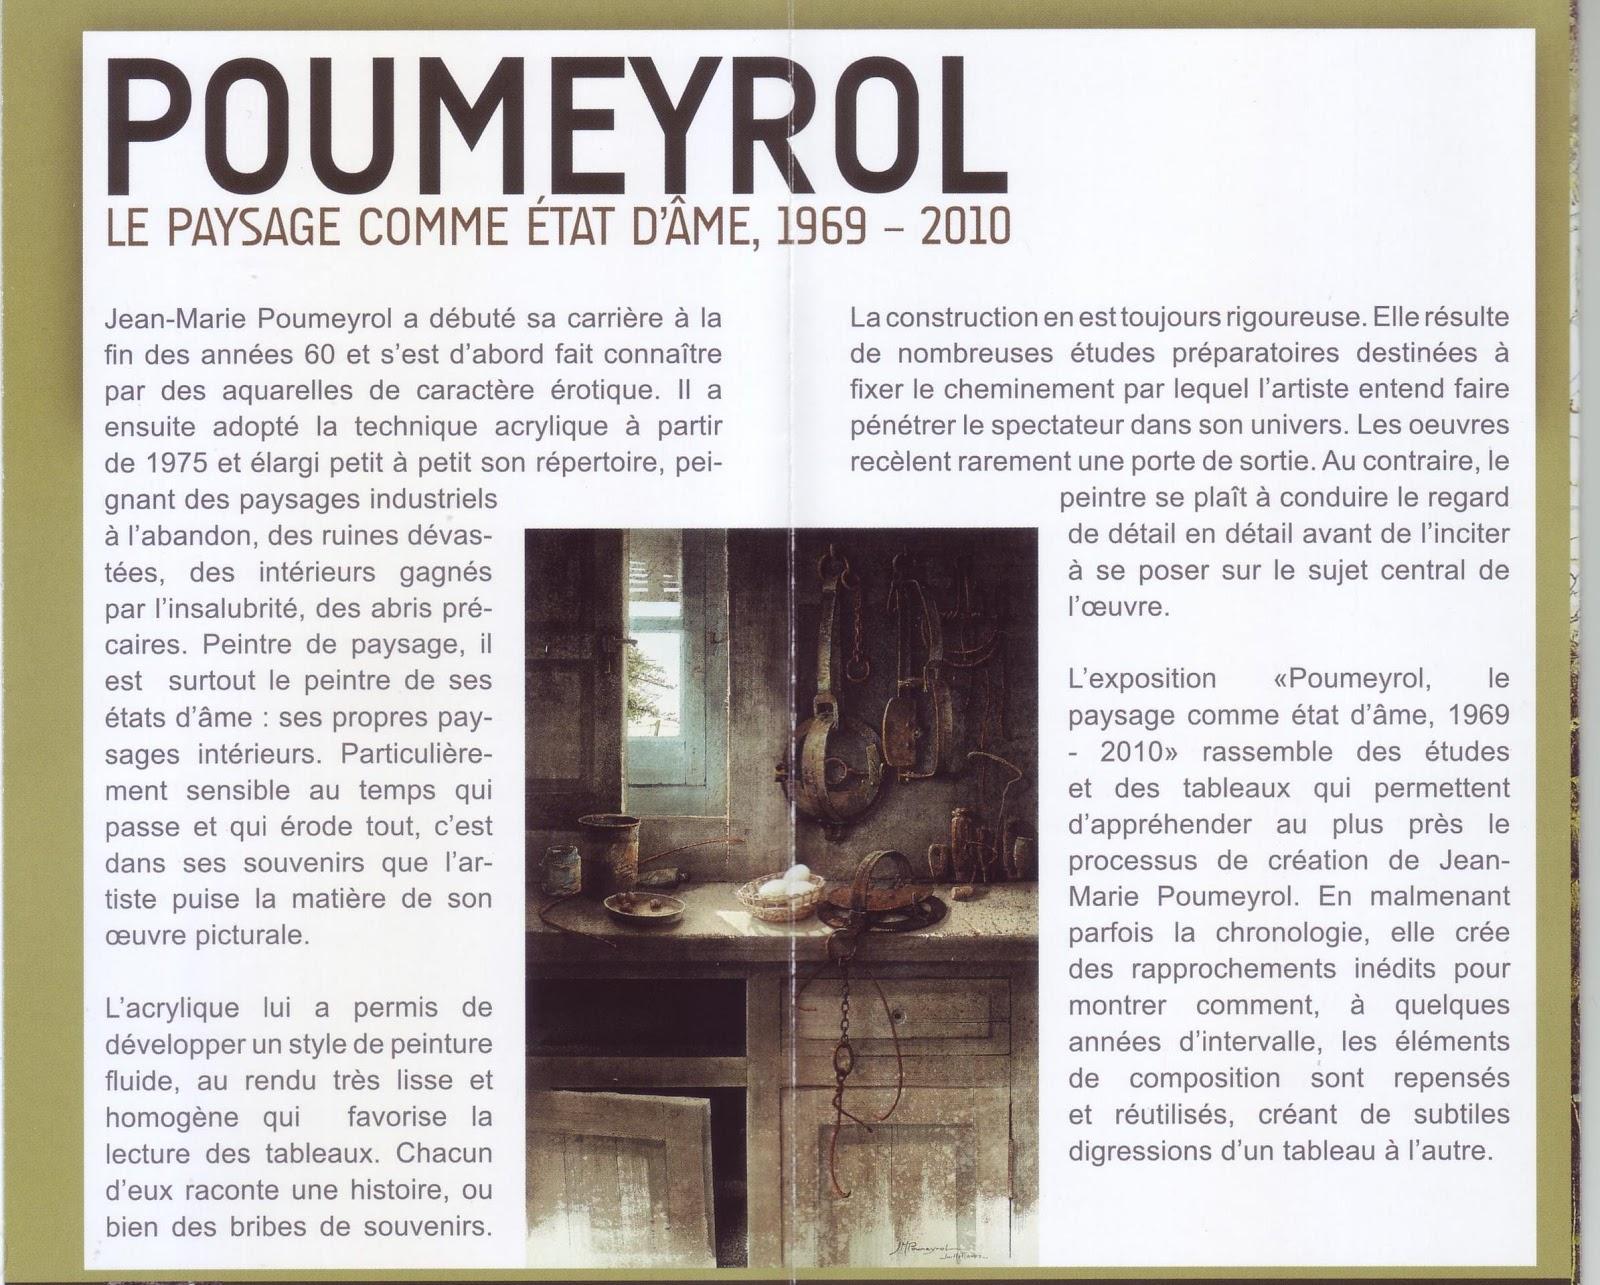 http://3.bp.blogspot.com/-5Qnl9zuEfU4/TnW-hkl_yCI/AAAAAAAAL5o/-FiIlBY7yc8/s1600/Poumeyrol.JPG